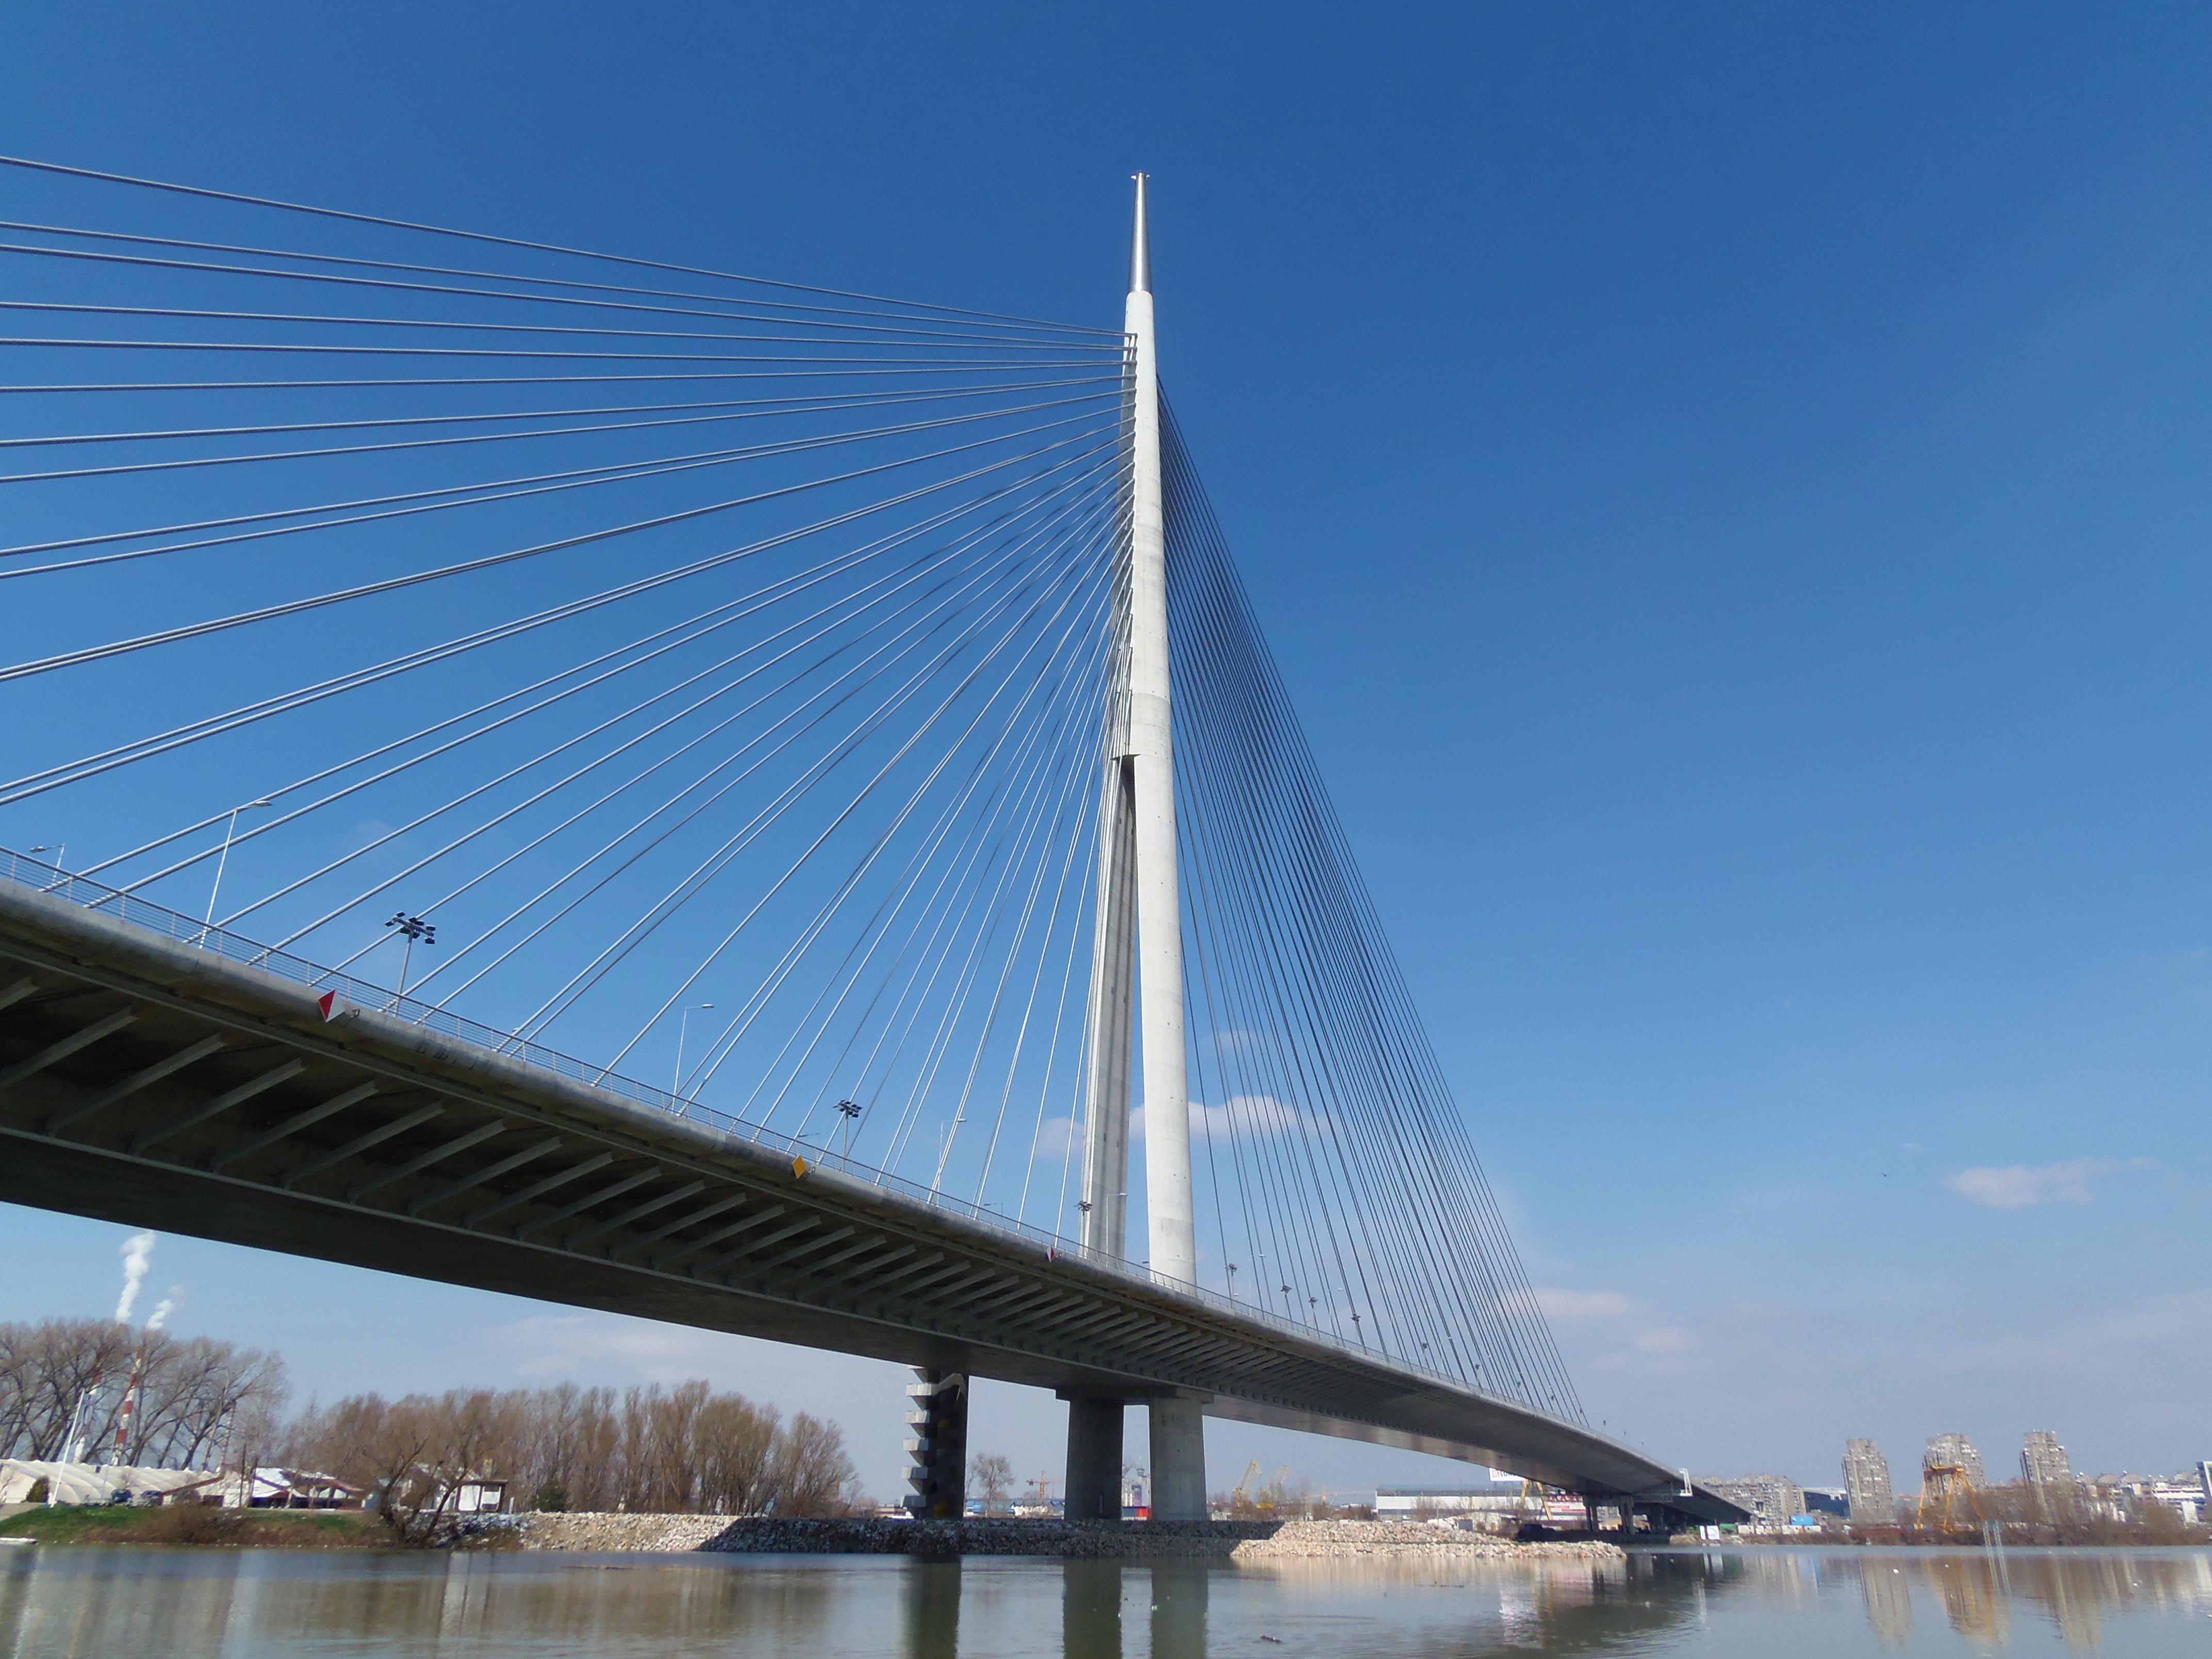 buy popular 78928 dcafc Fotos bridge to bridge 2013 venlo